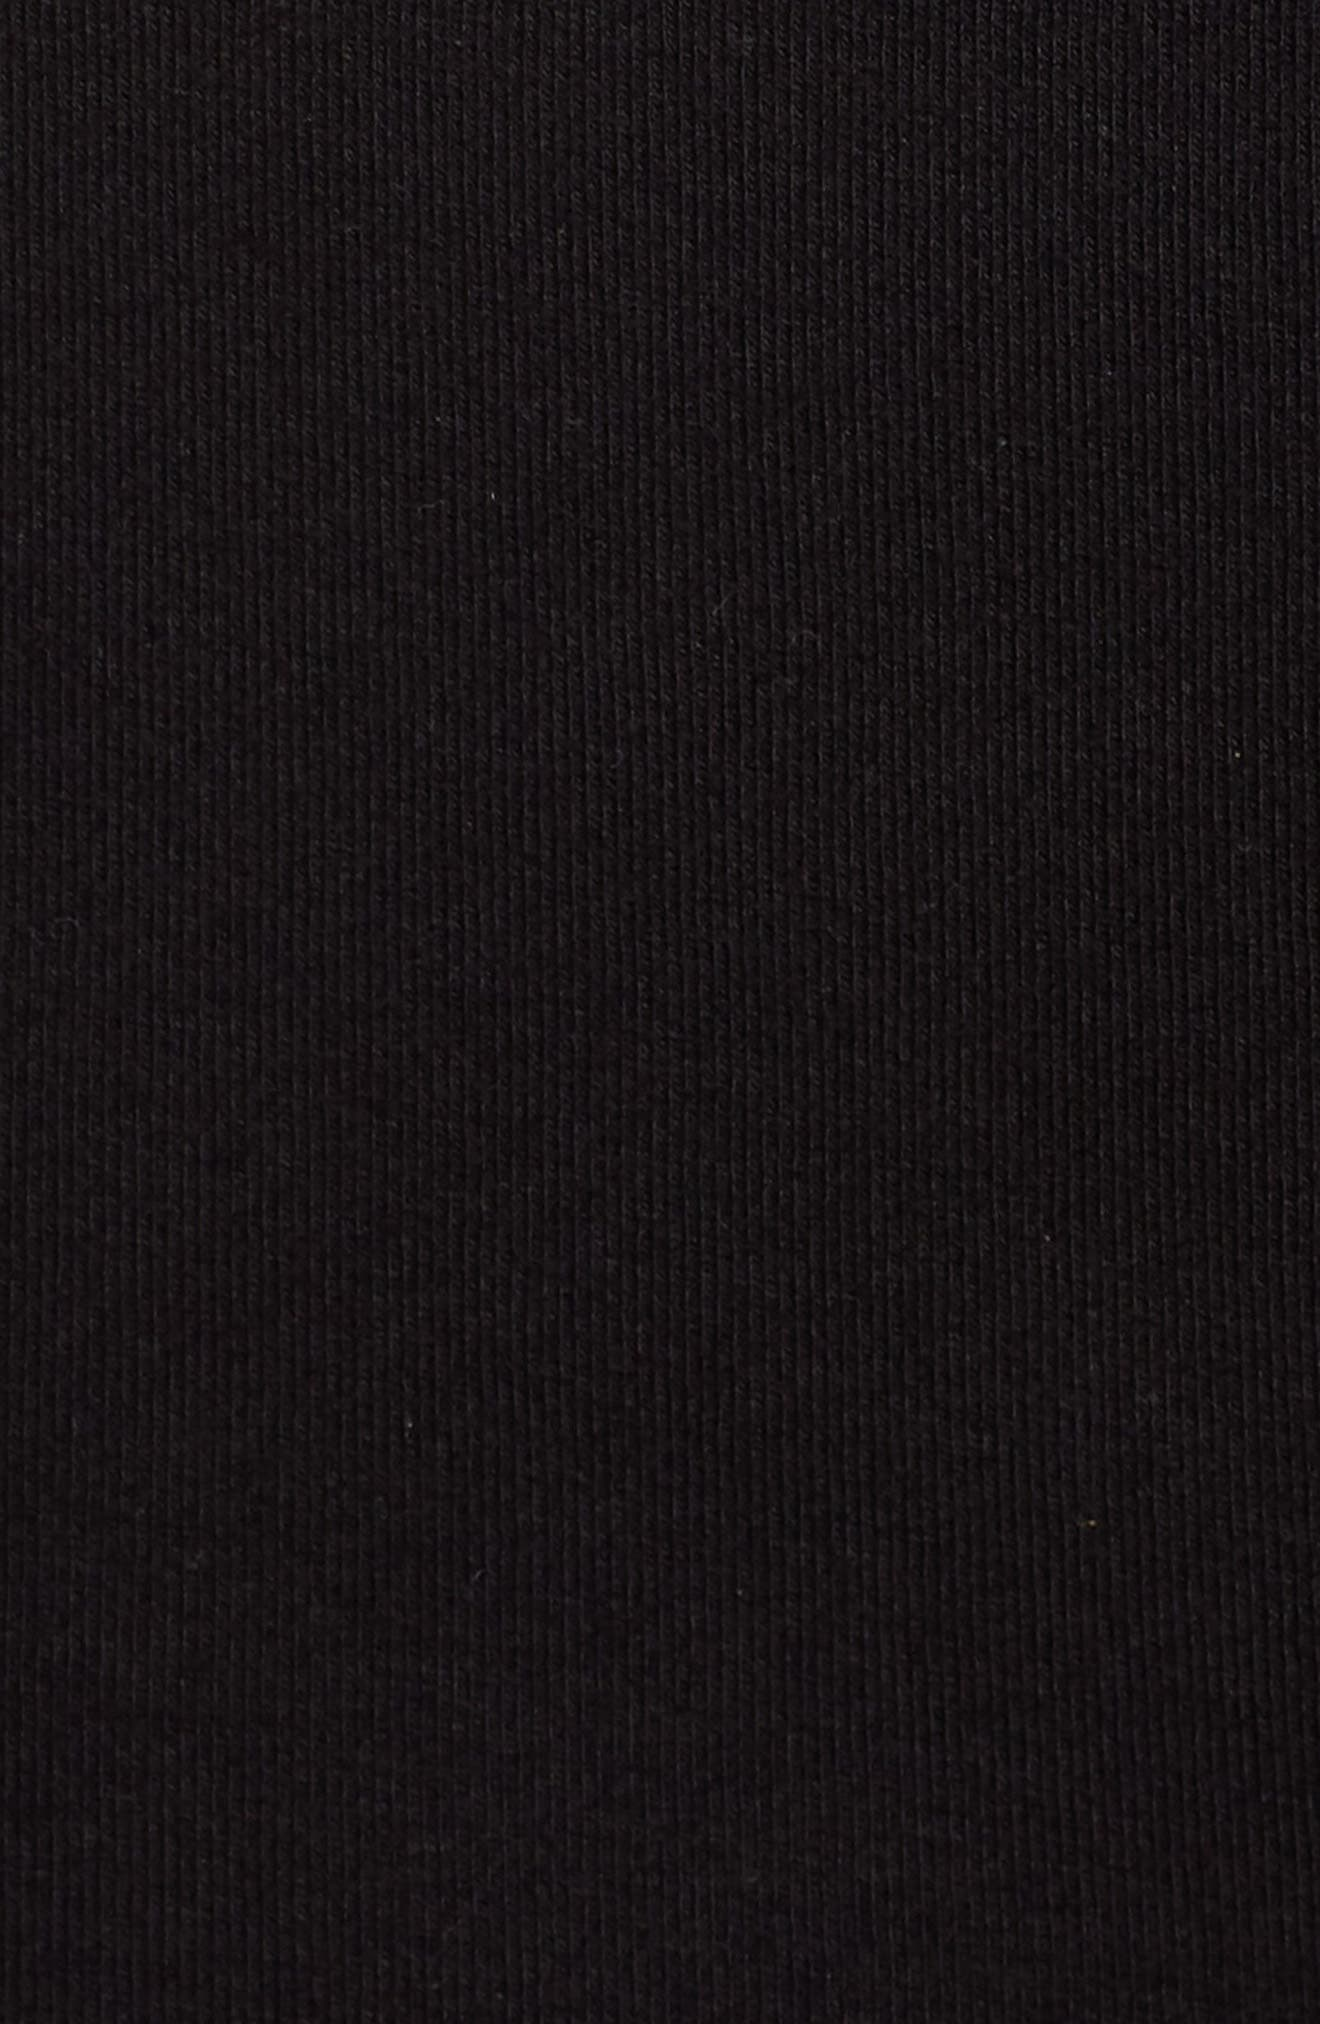 Rib Knit Lace-Up Skirt,                             Alternate thumbnail 5, color,                             Black